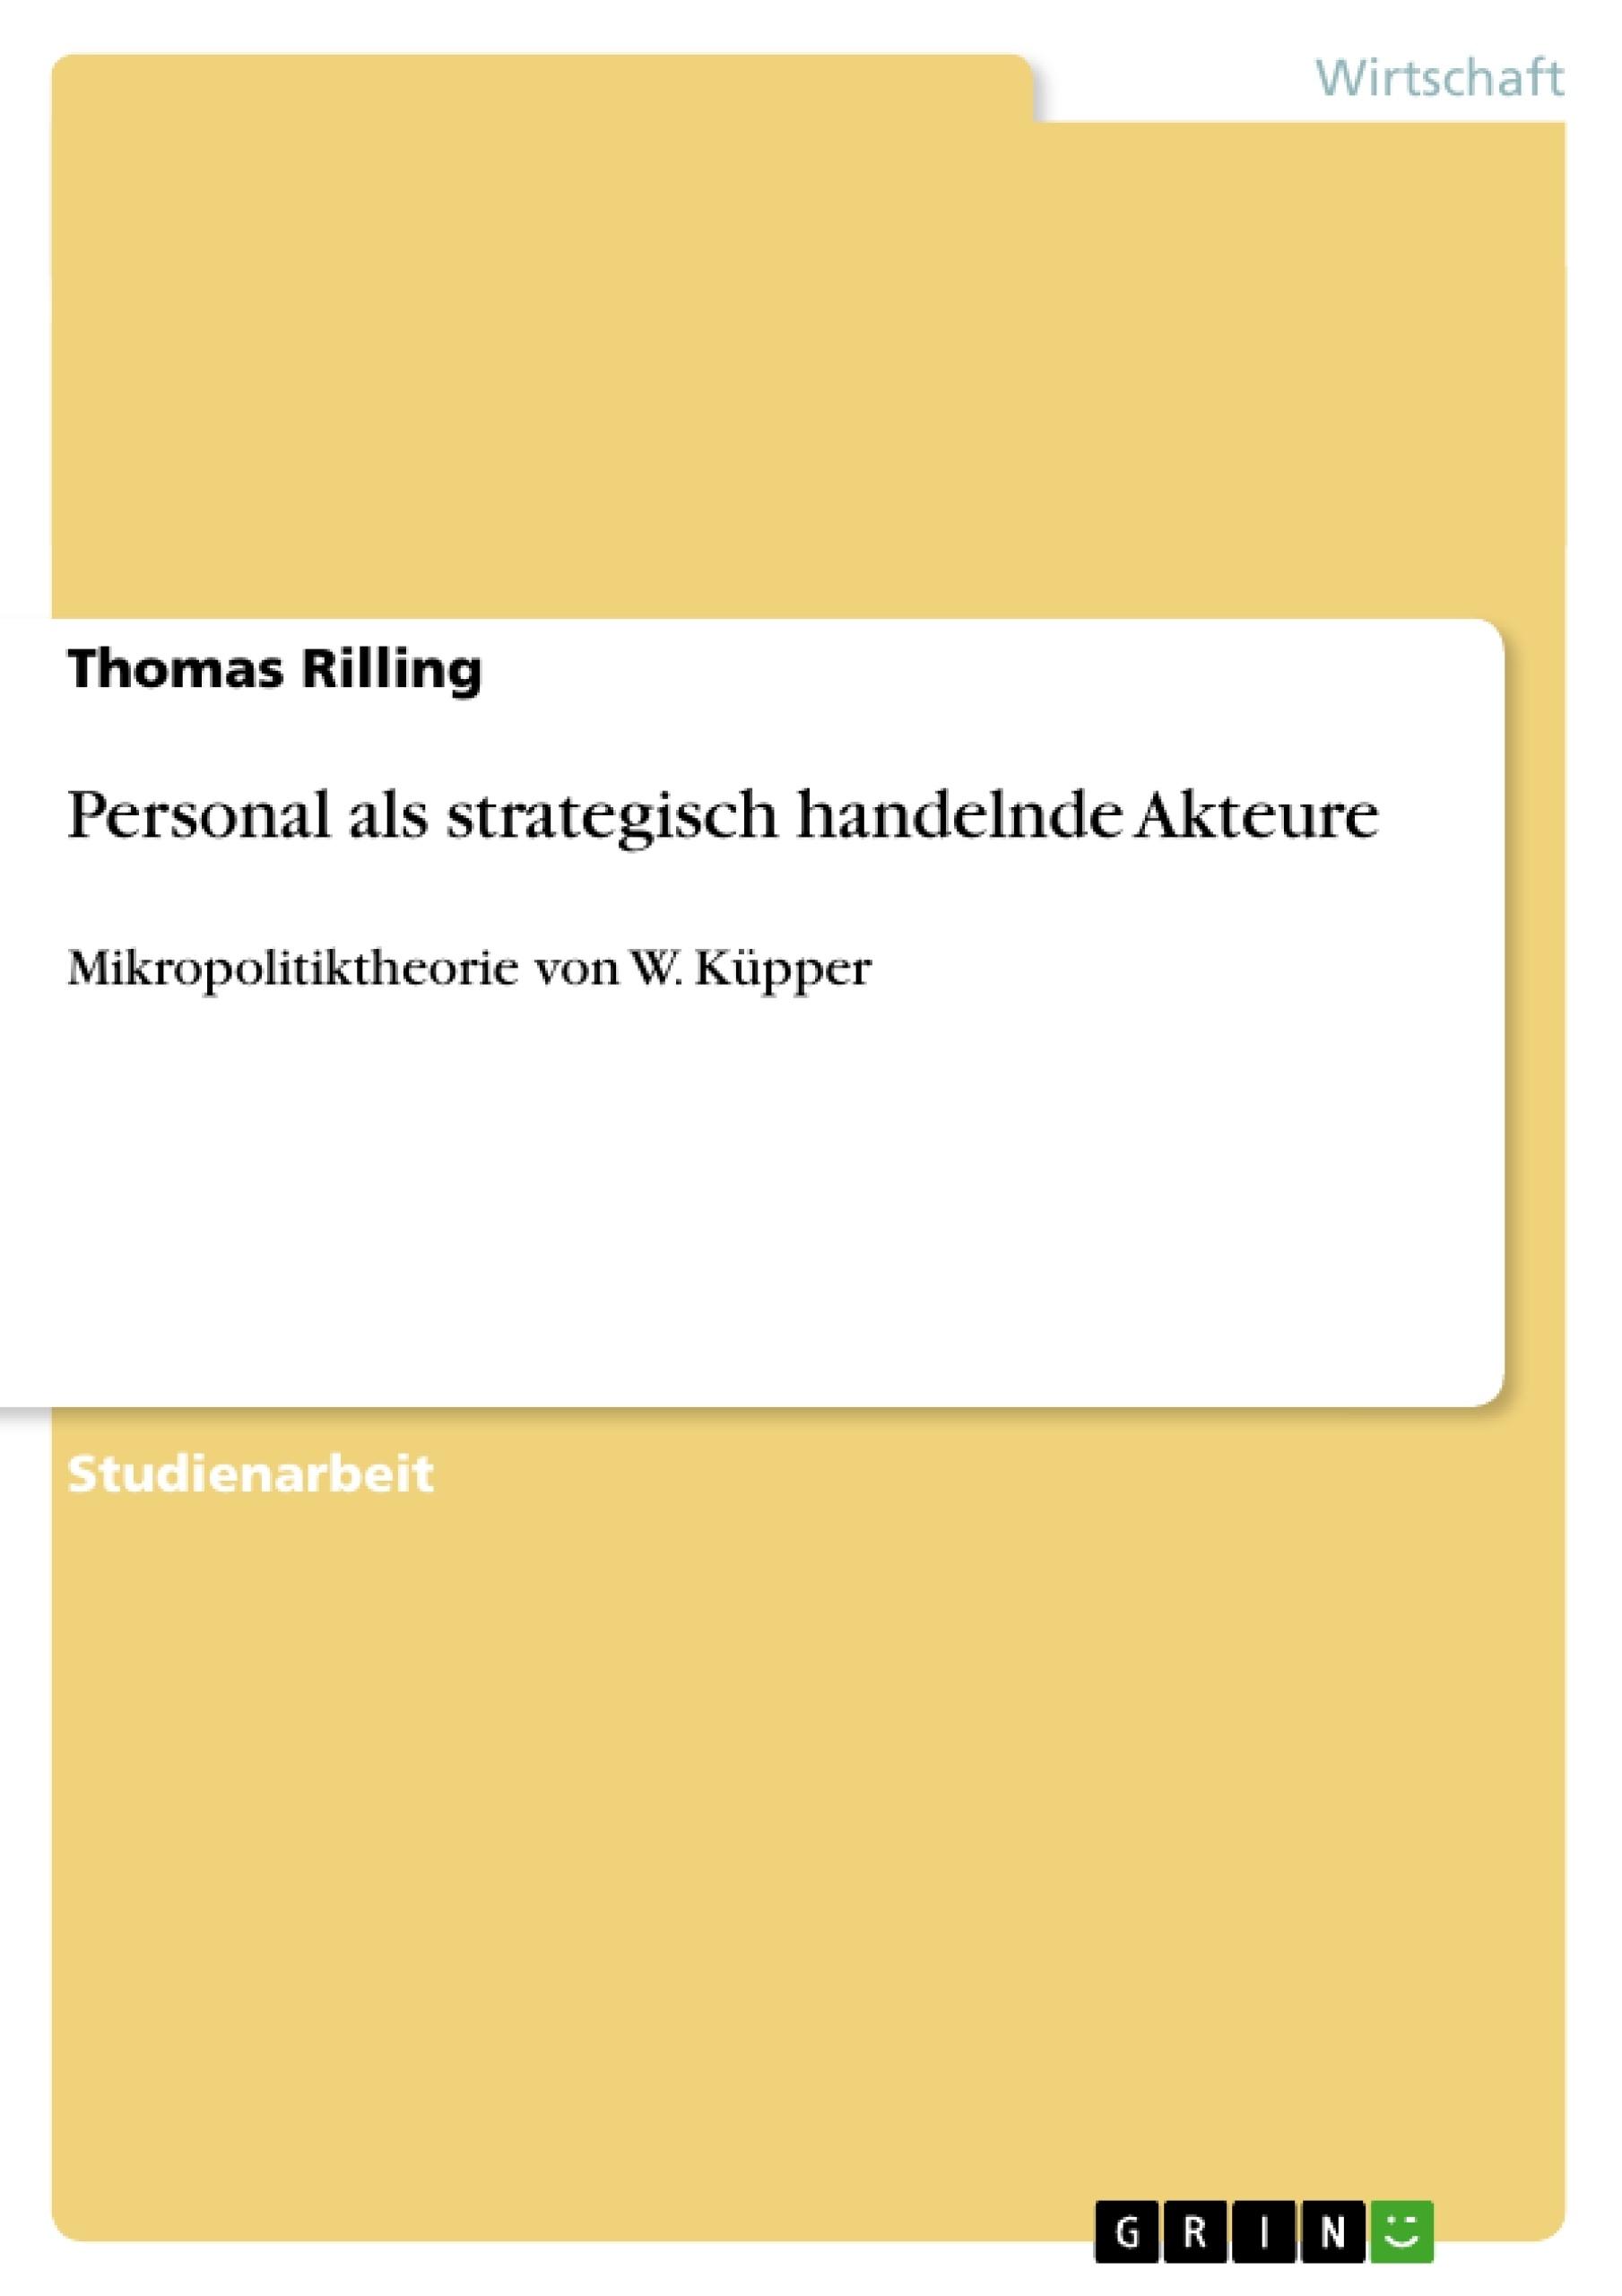 Titel: Personal als strategisch handelnde Akteure